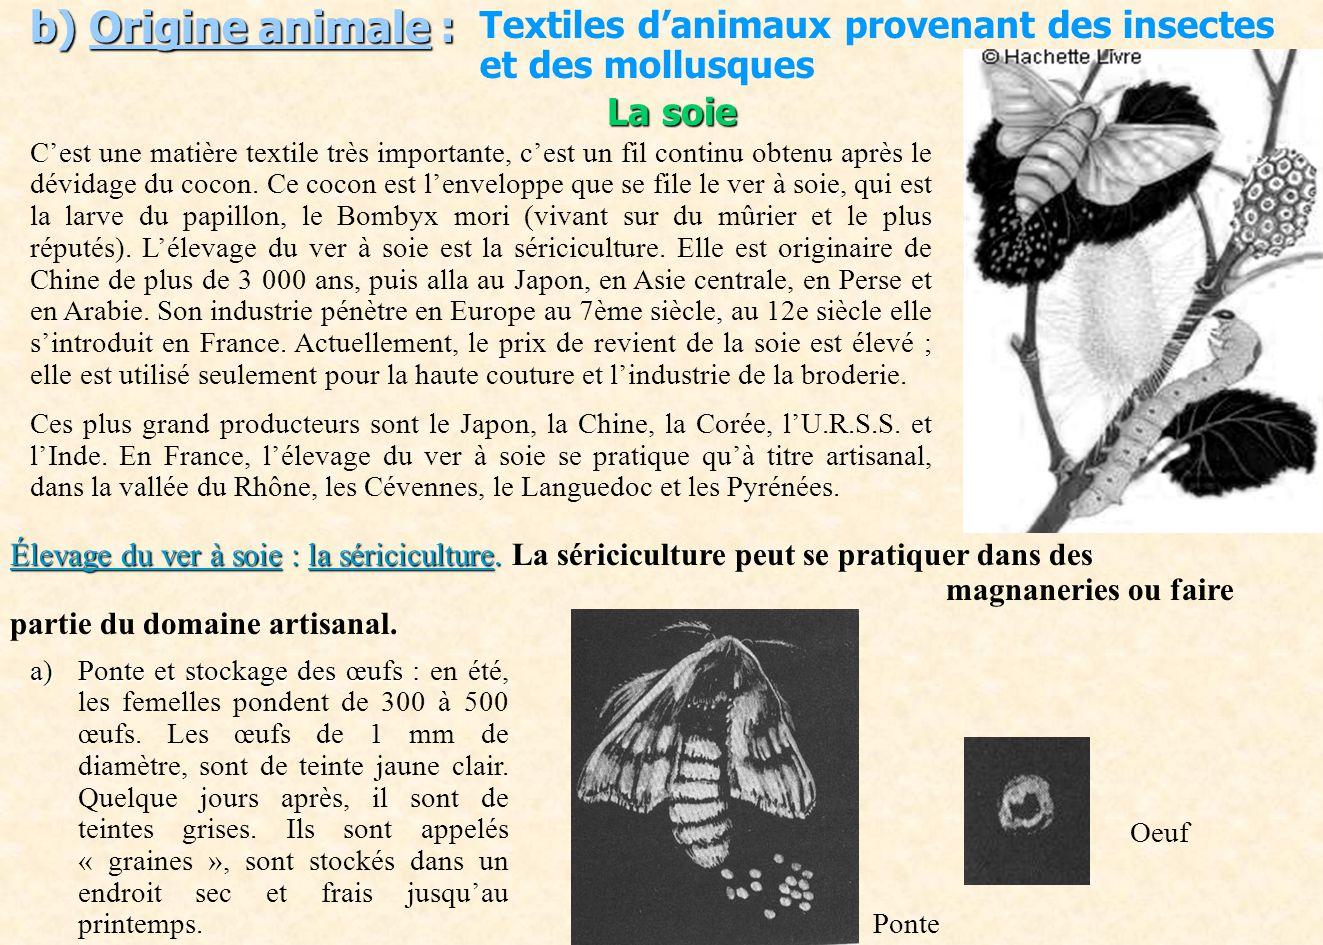 b) Origine animale : Textiles d'animaux provenant des insectes et des mollusques. La soie.